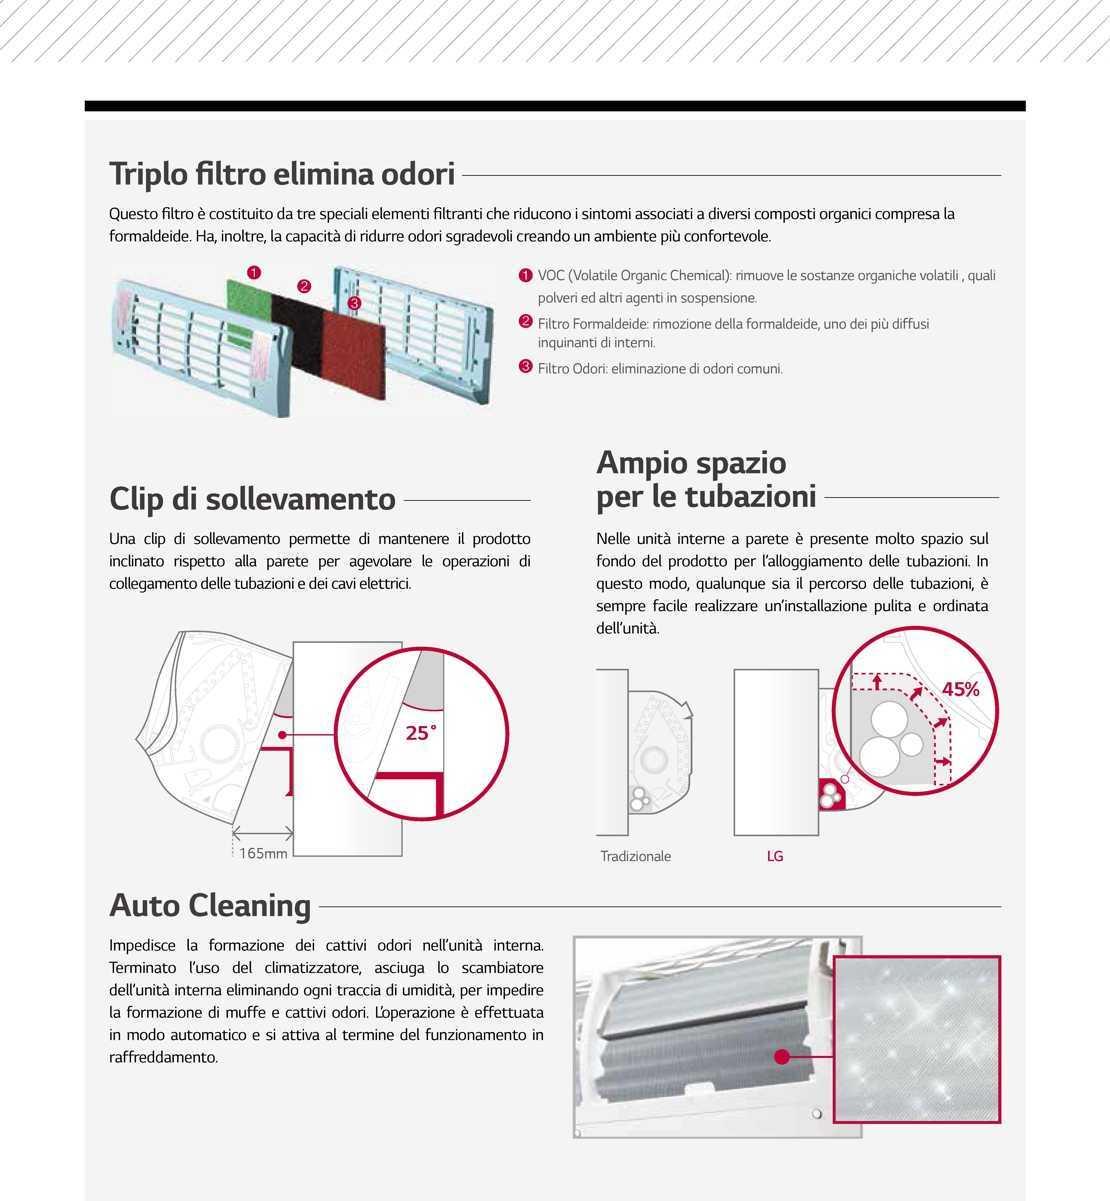 LG Climatizzatore Standard